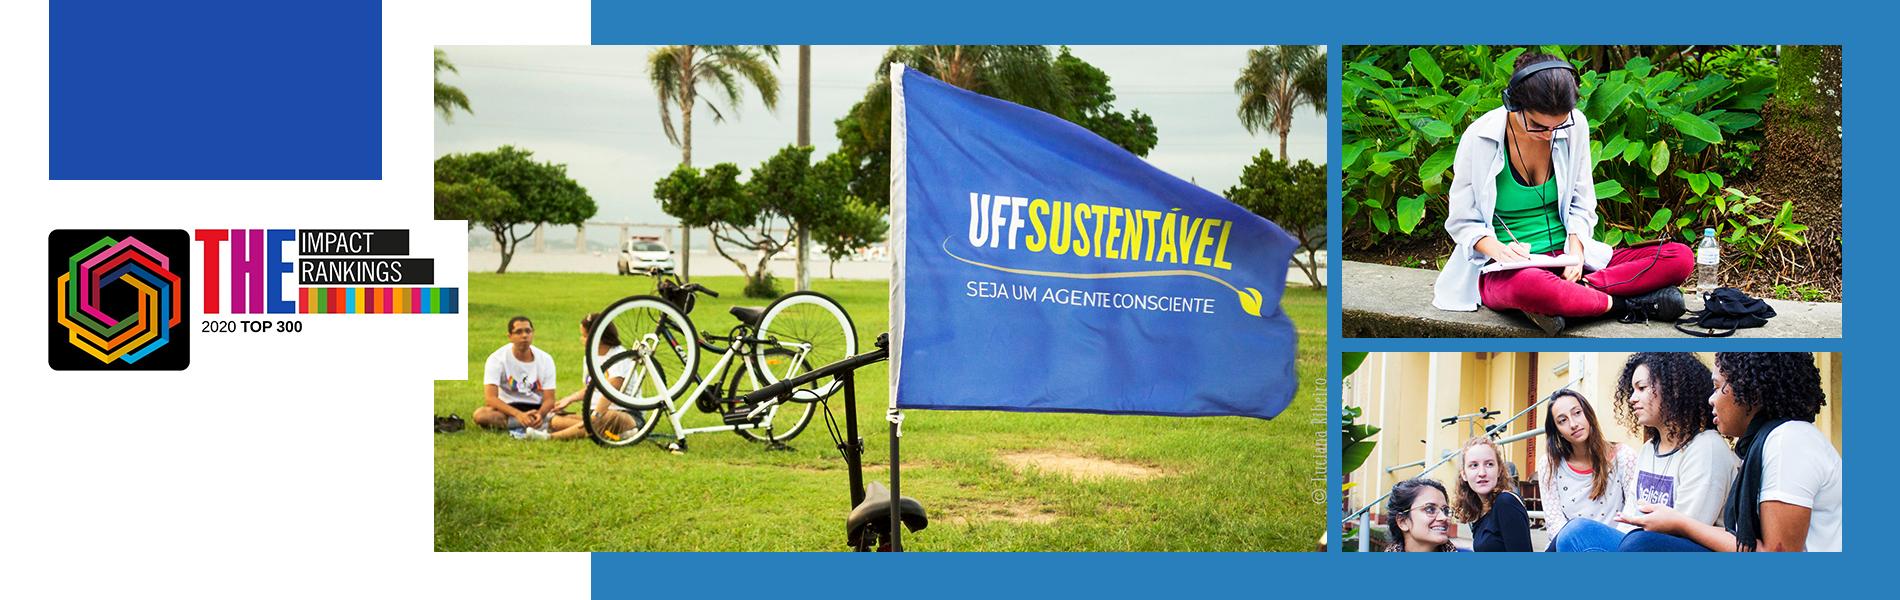 """Imagem dividida em e cenários: o primeiro tem uma bandeira com os dizeres """"UFF Sustentável"""", os outros com estudantes"""